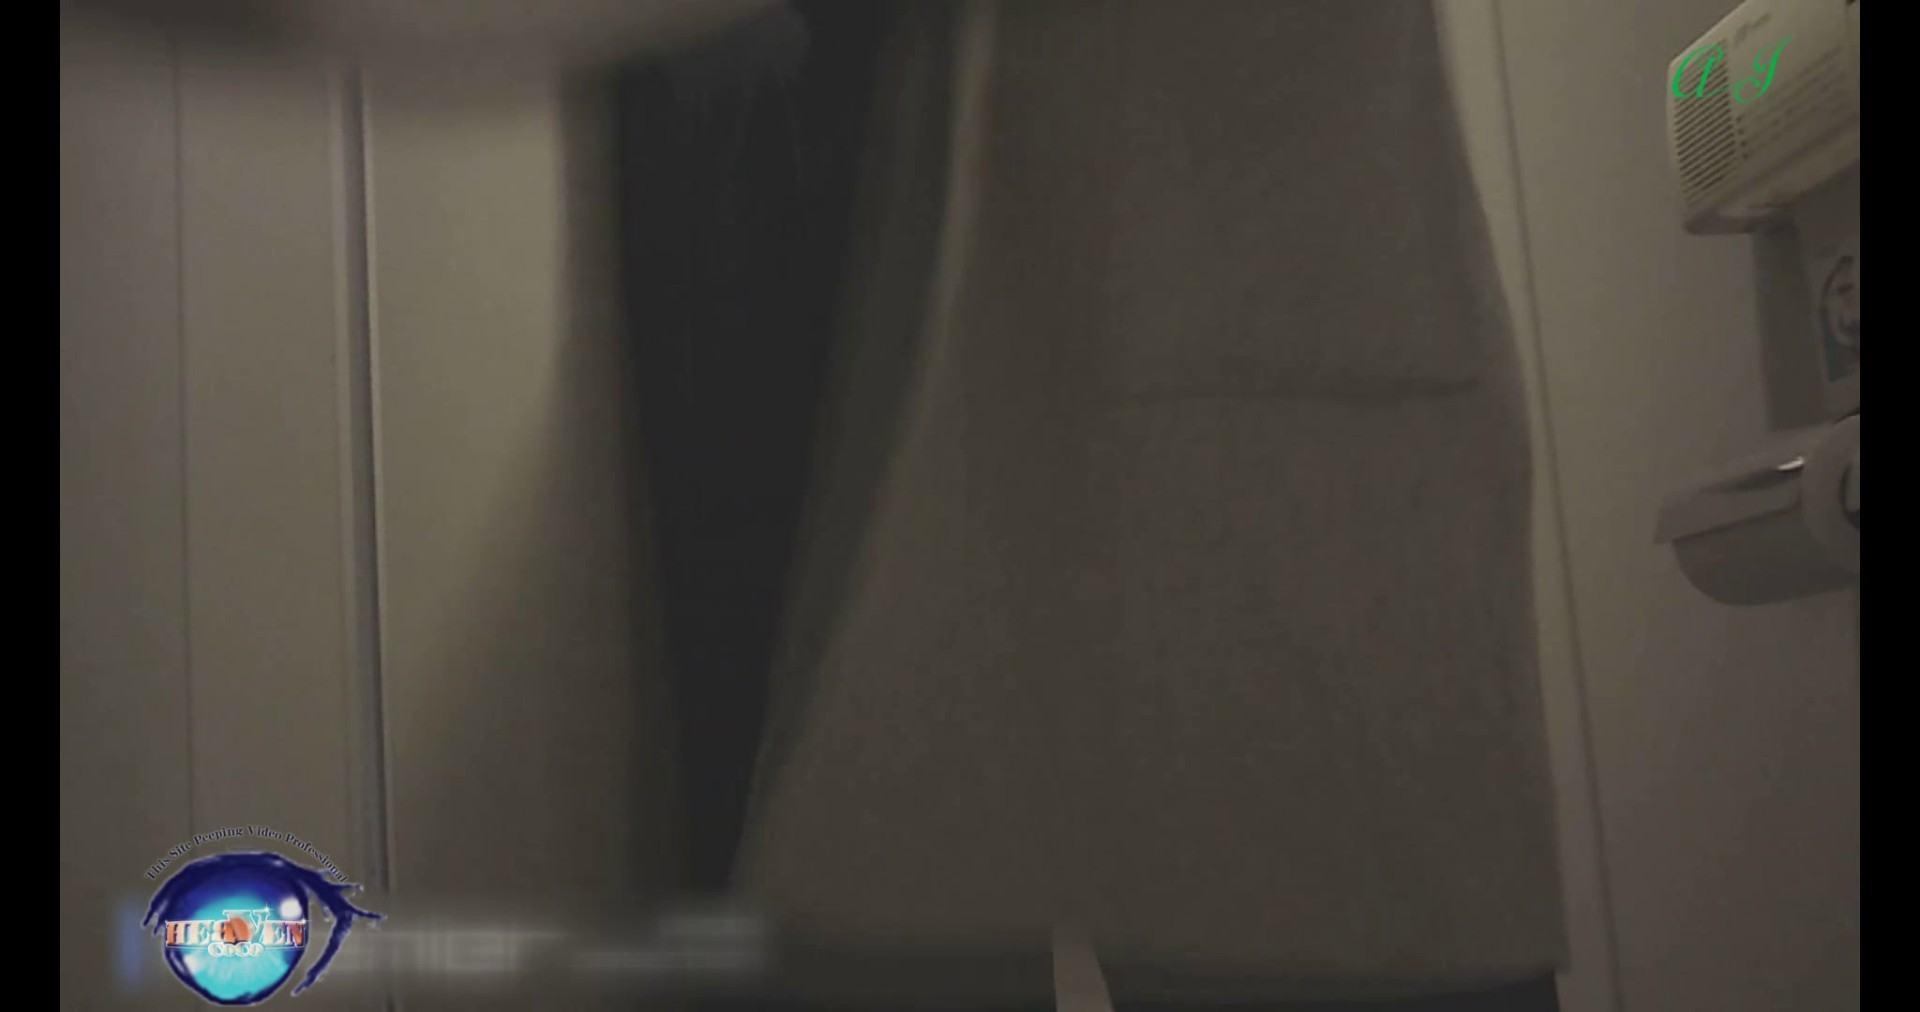 【某有名大学女性洗面所】有名大学女性洗面所 vol.74 前編 潜入 えろ無修正画像 98枚 87